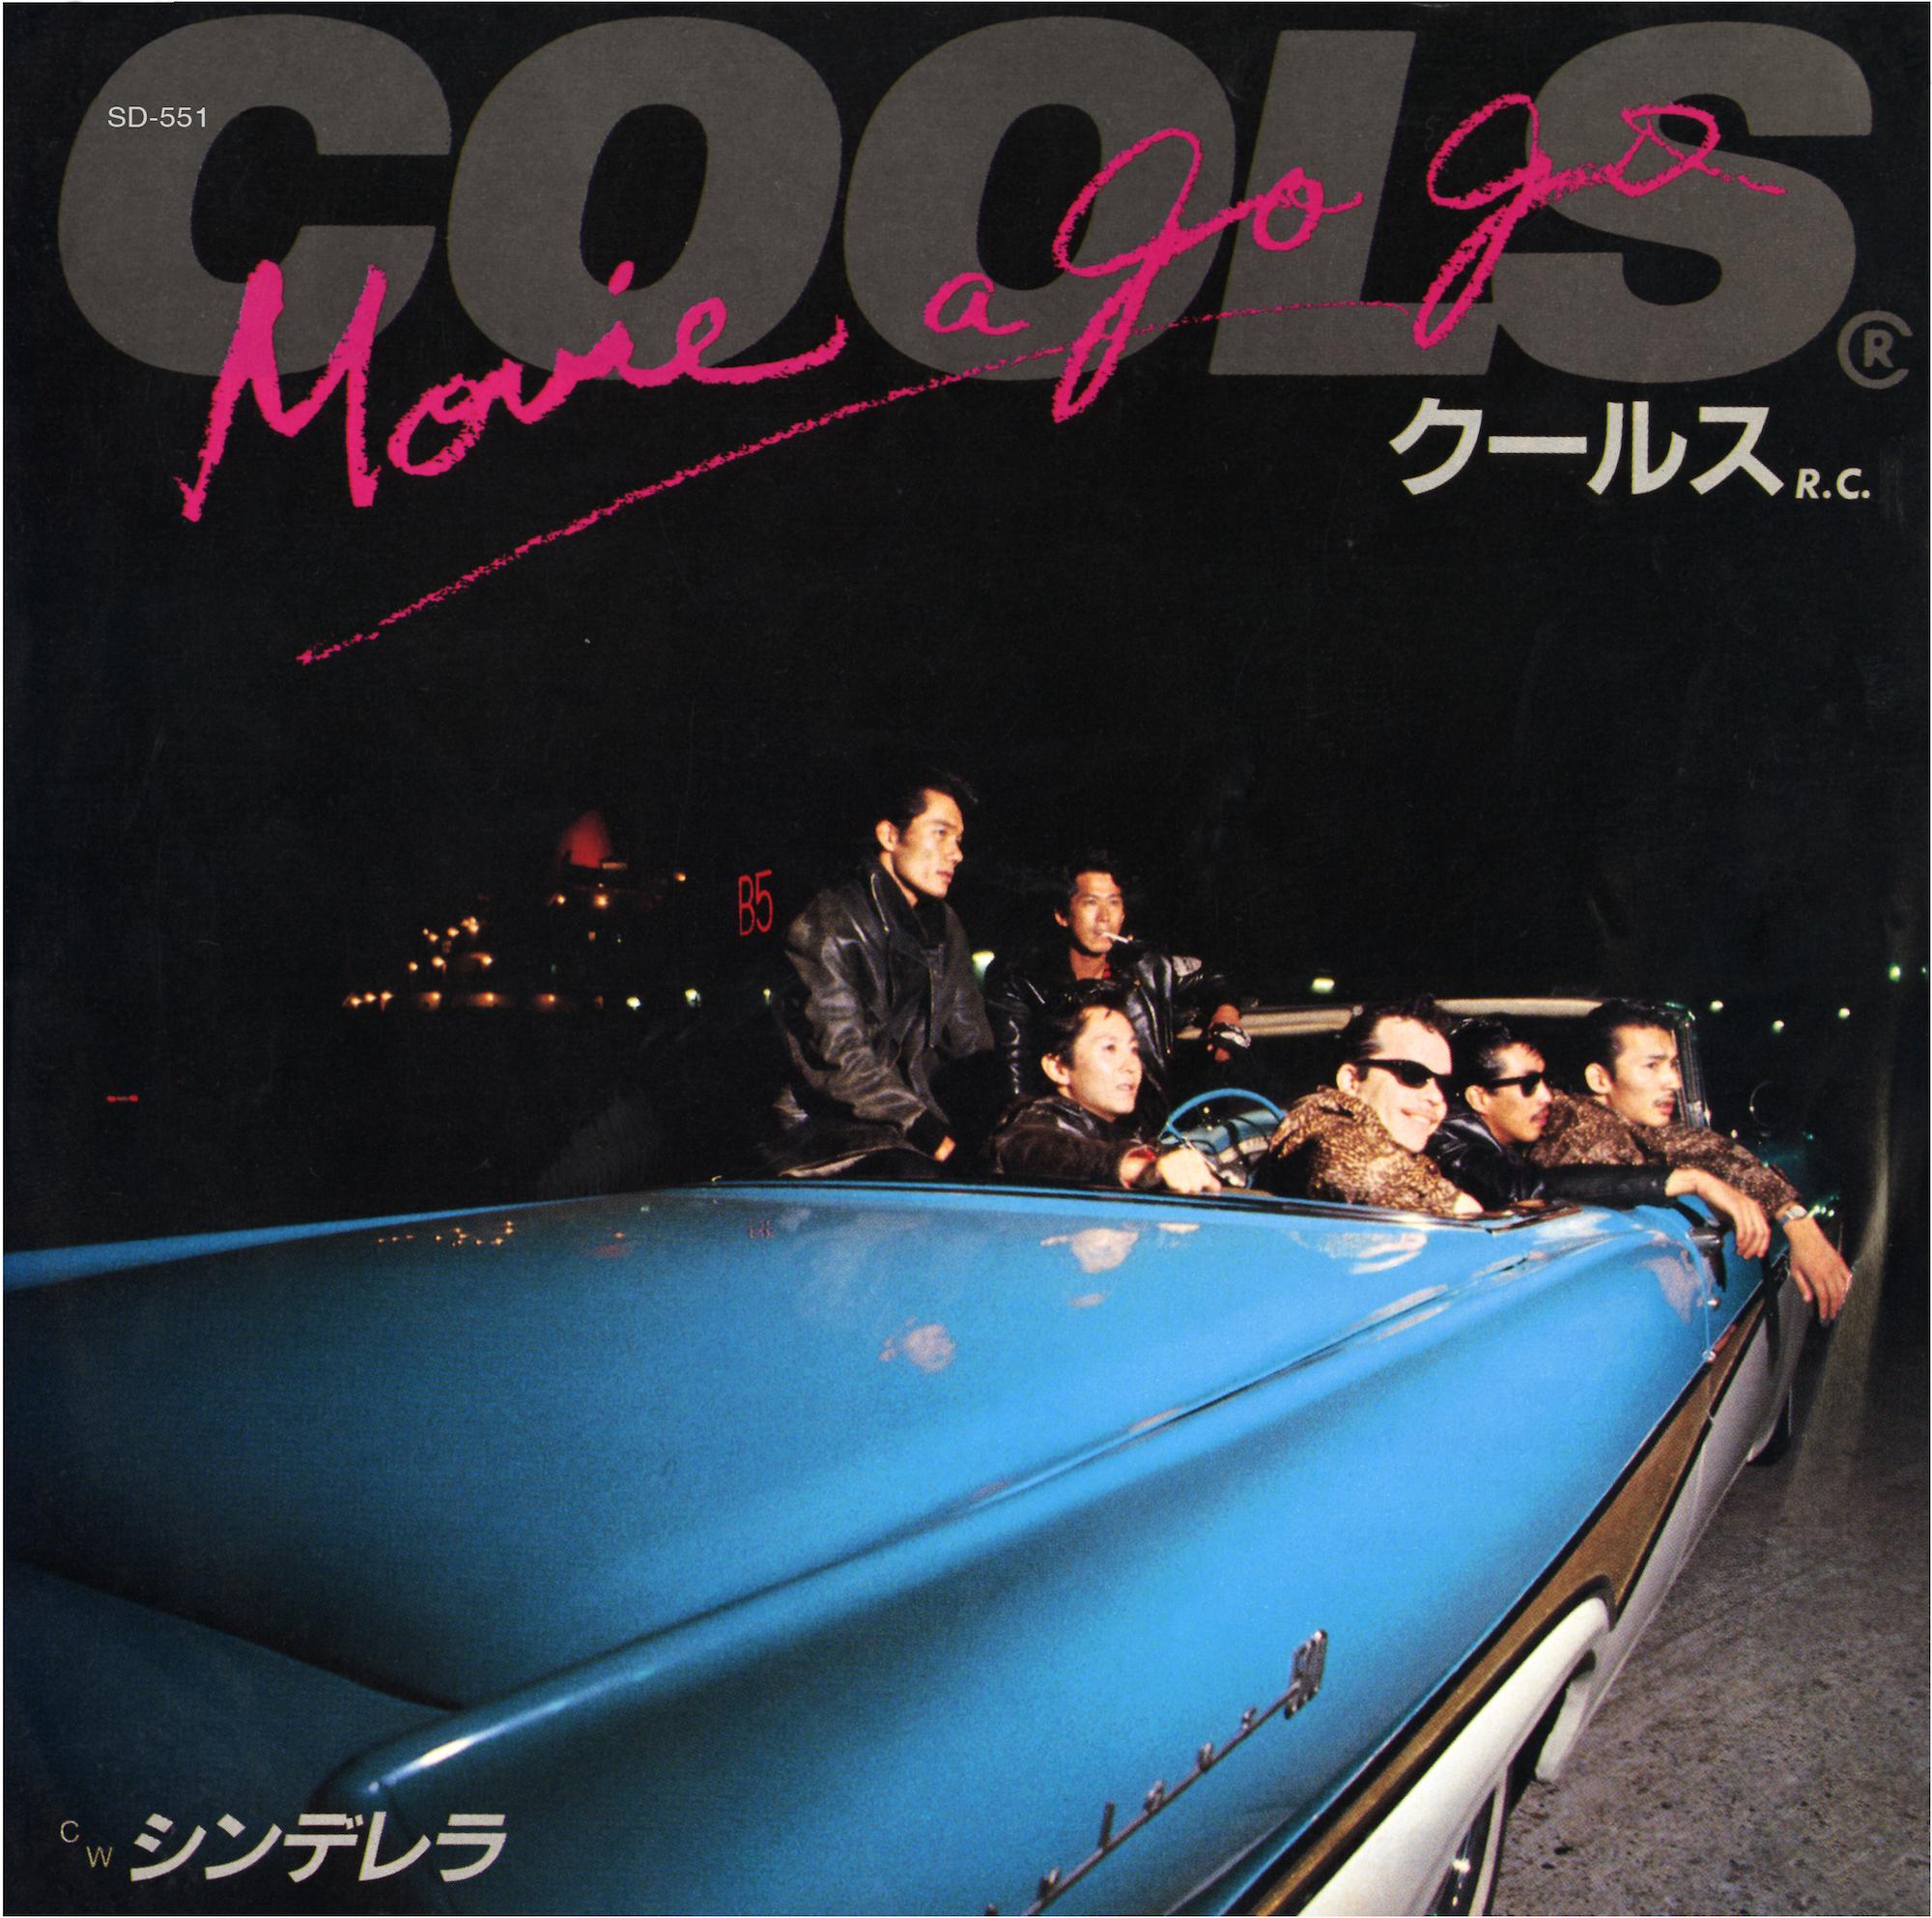 06-048 クールスR.C. – Movie a go go / シンデレラ